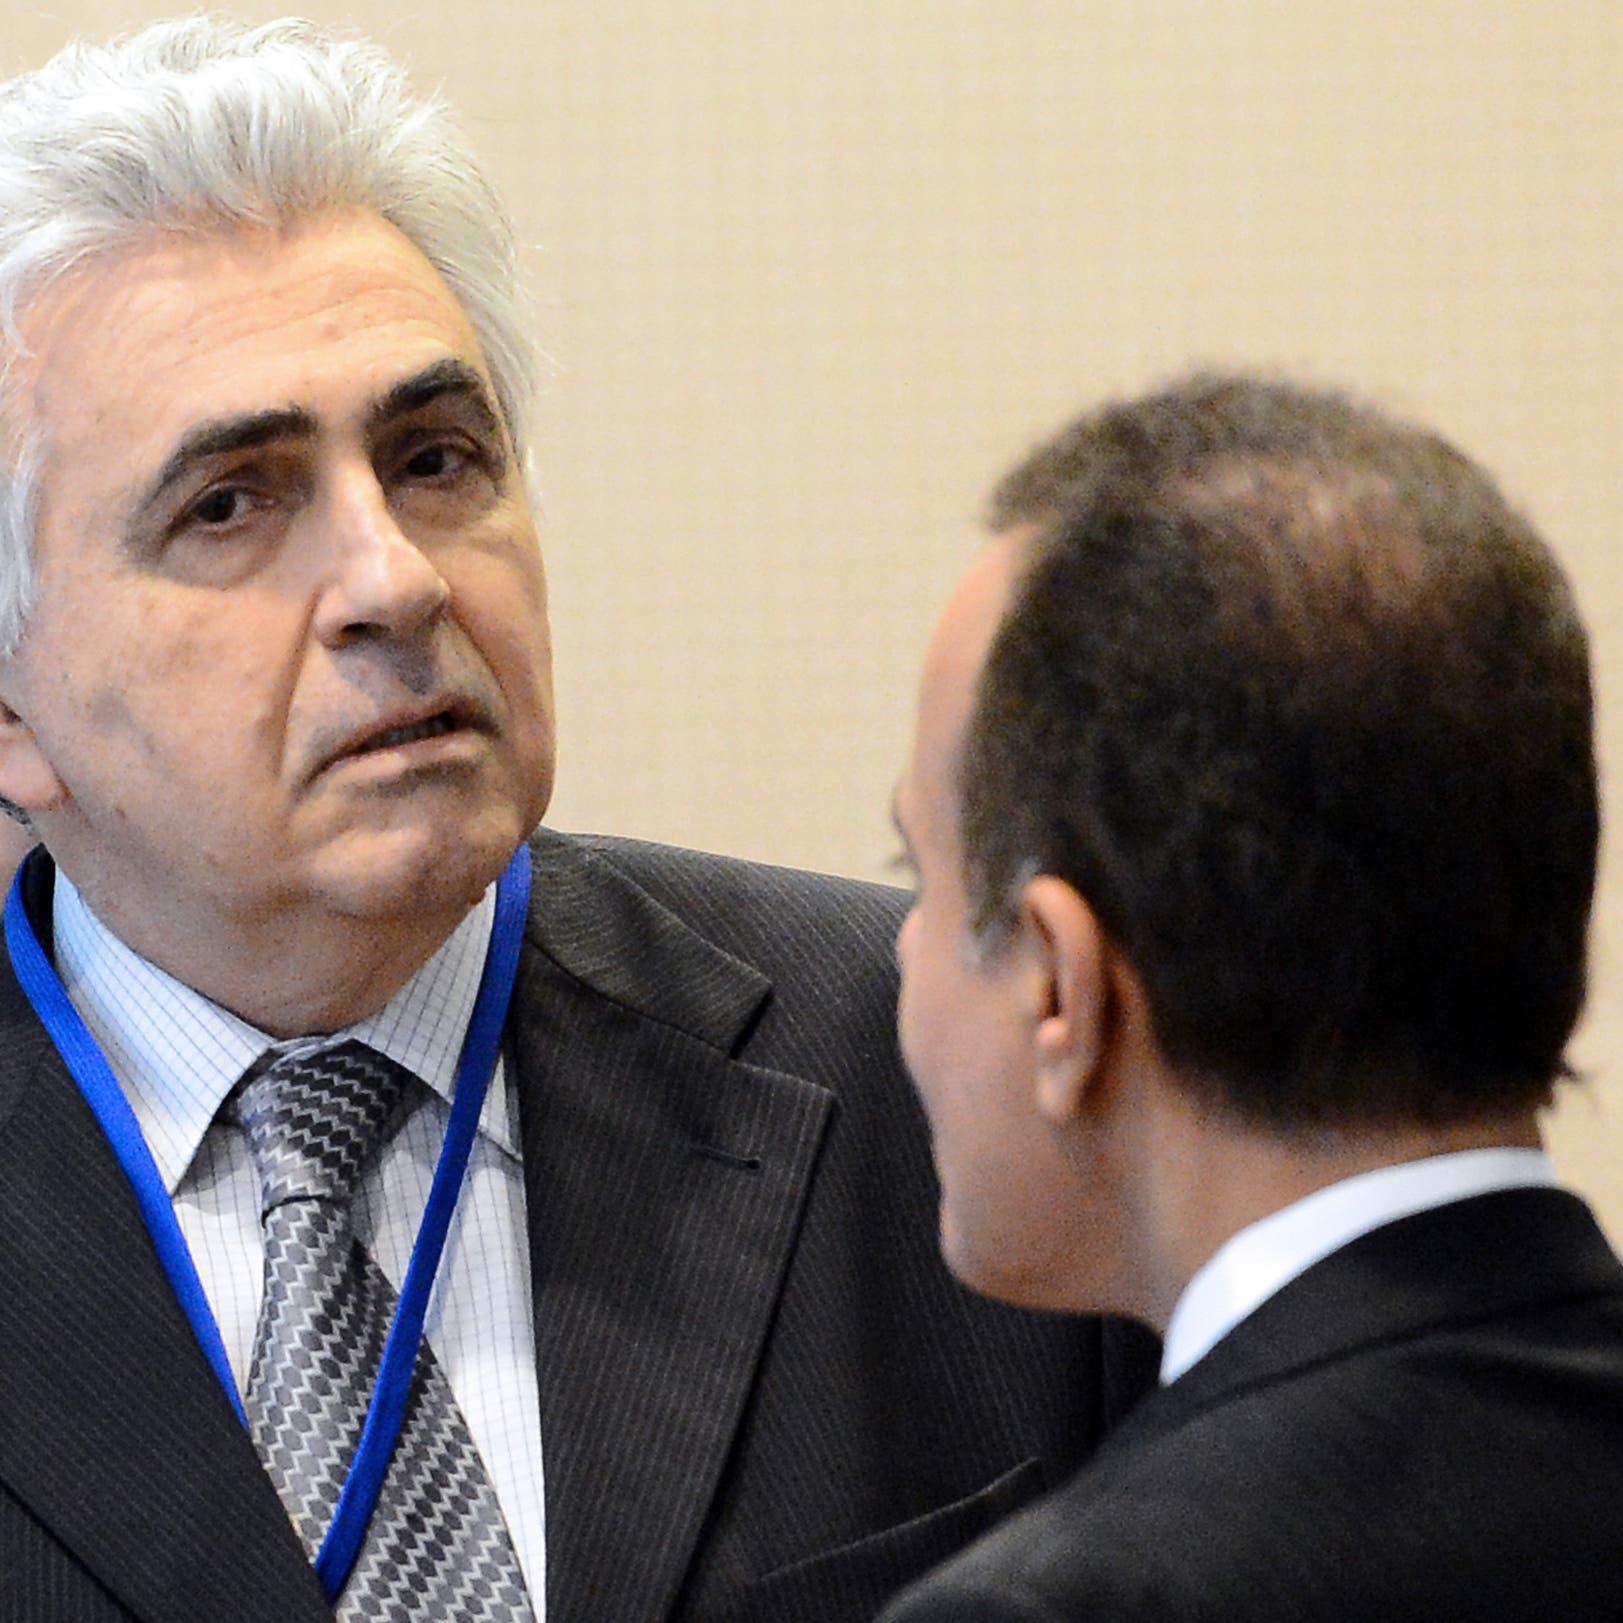 وزير خارجية لبنان: أولويتنا اقتصادية والنأي بالنفس